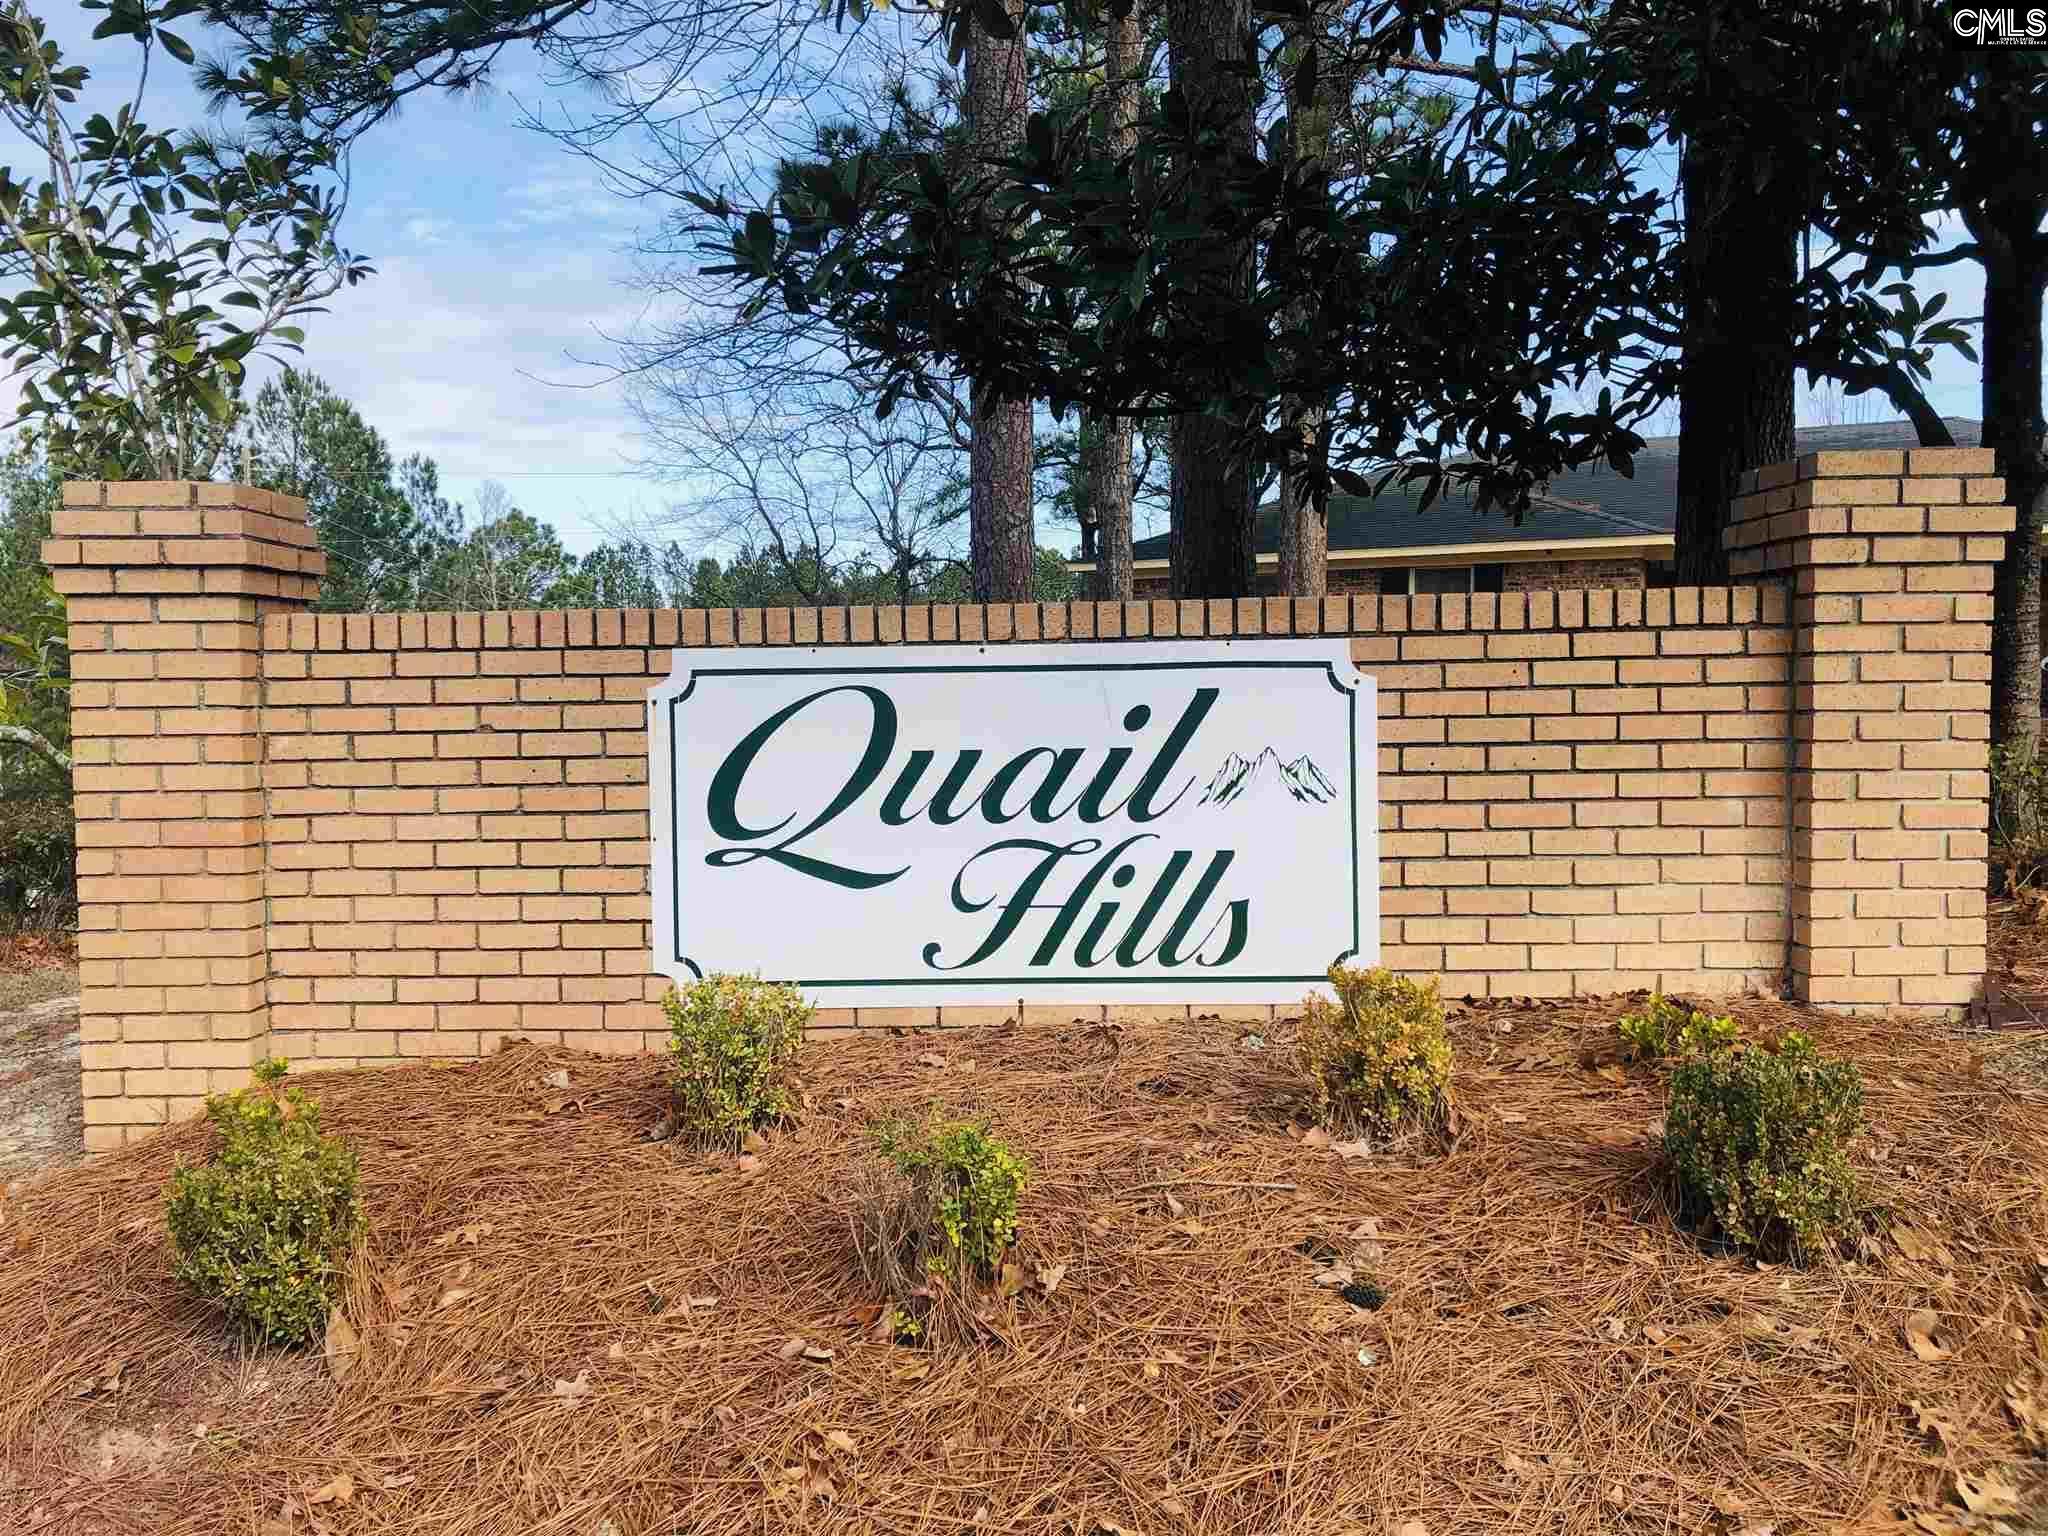 300 Quail Hills Hopkins, SC 29061-9453